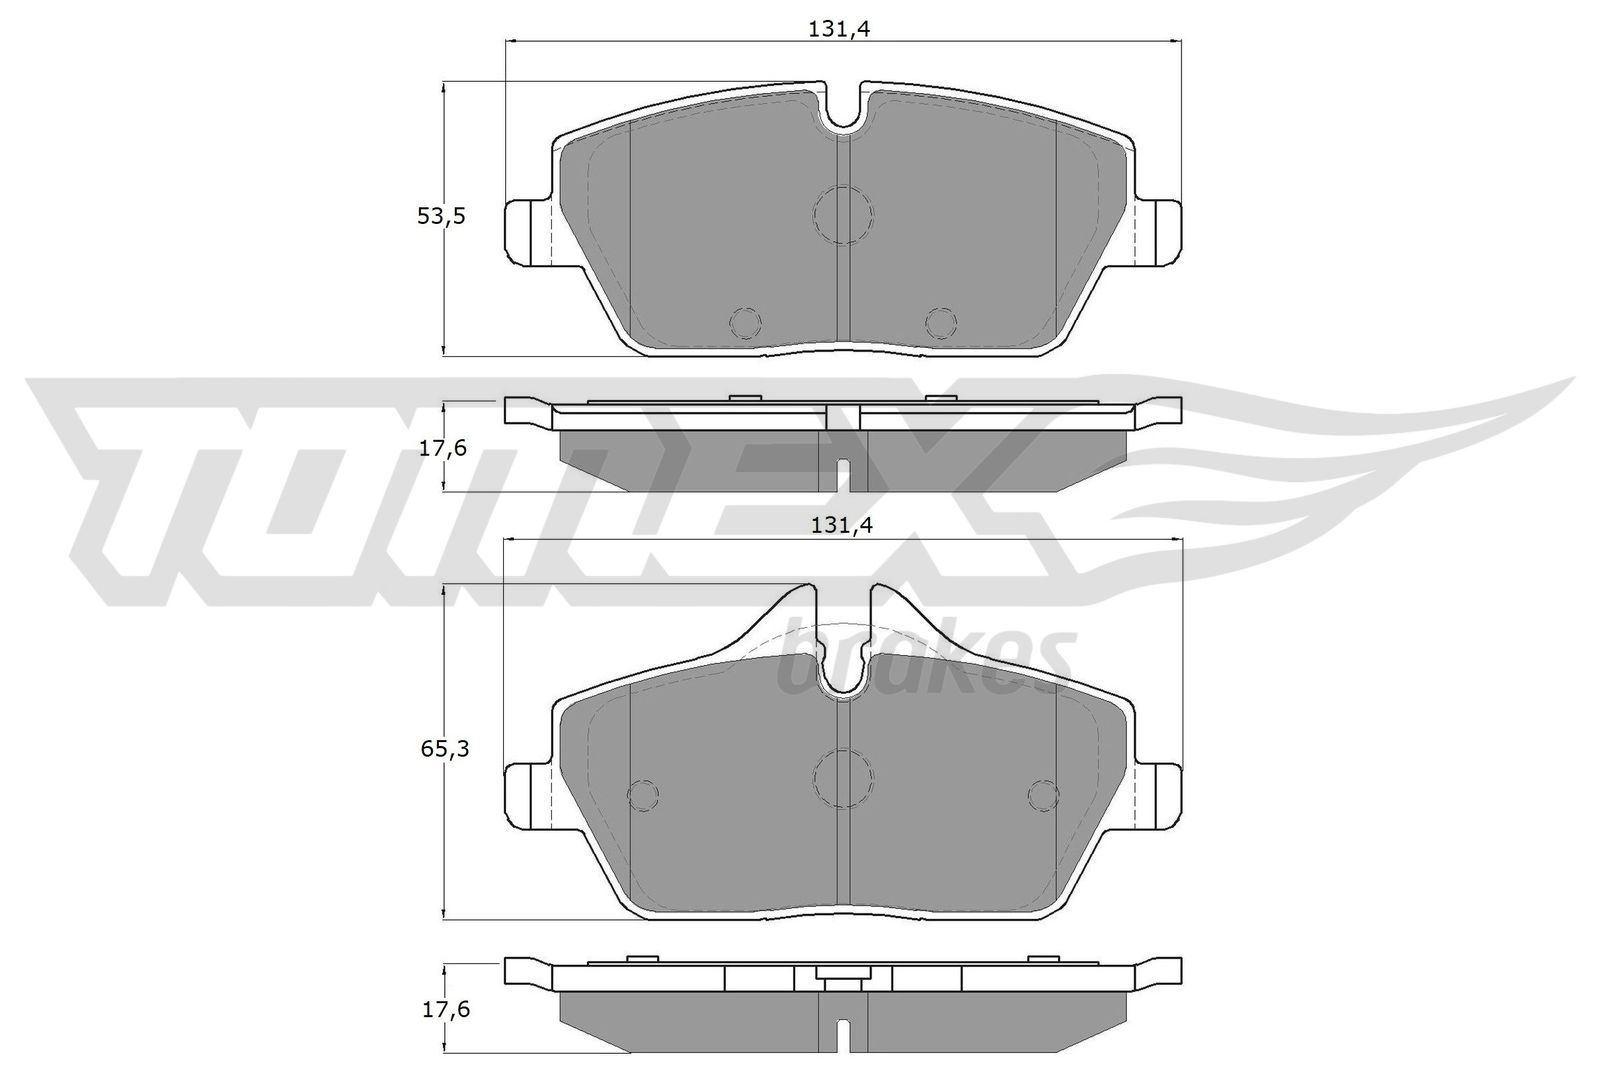 Bremsbelagsatz Scheibenbremse TOMEX brakes TX 14-33